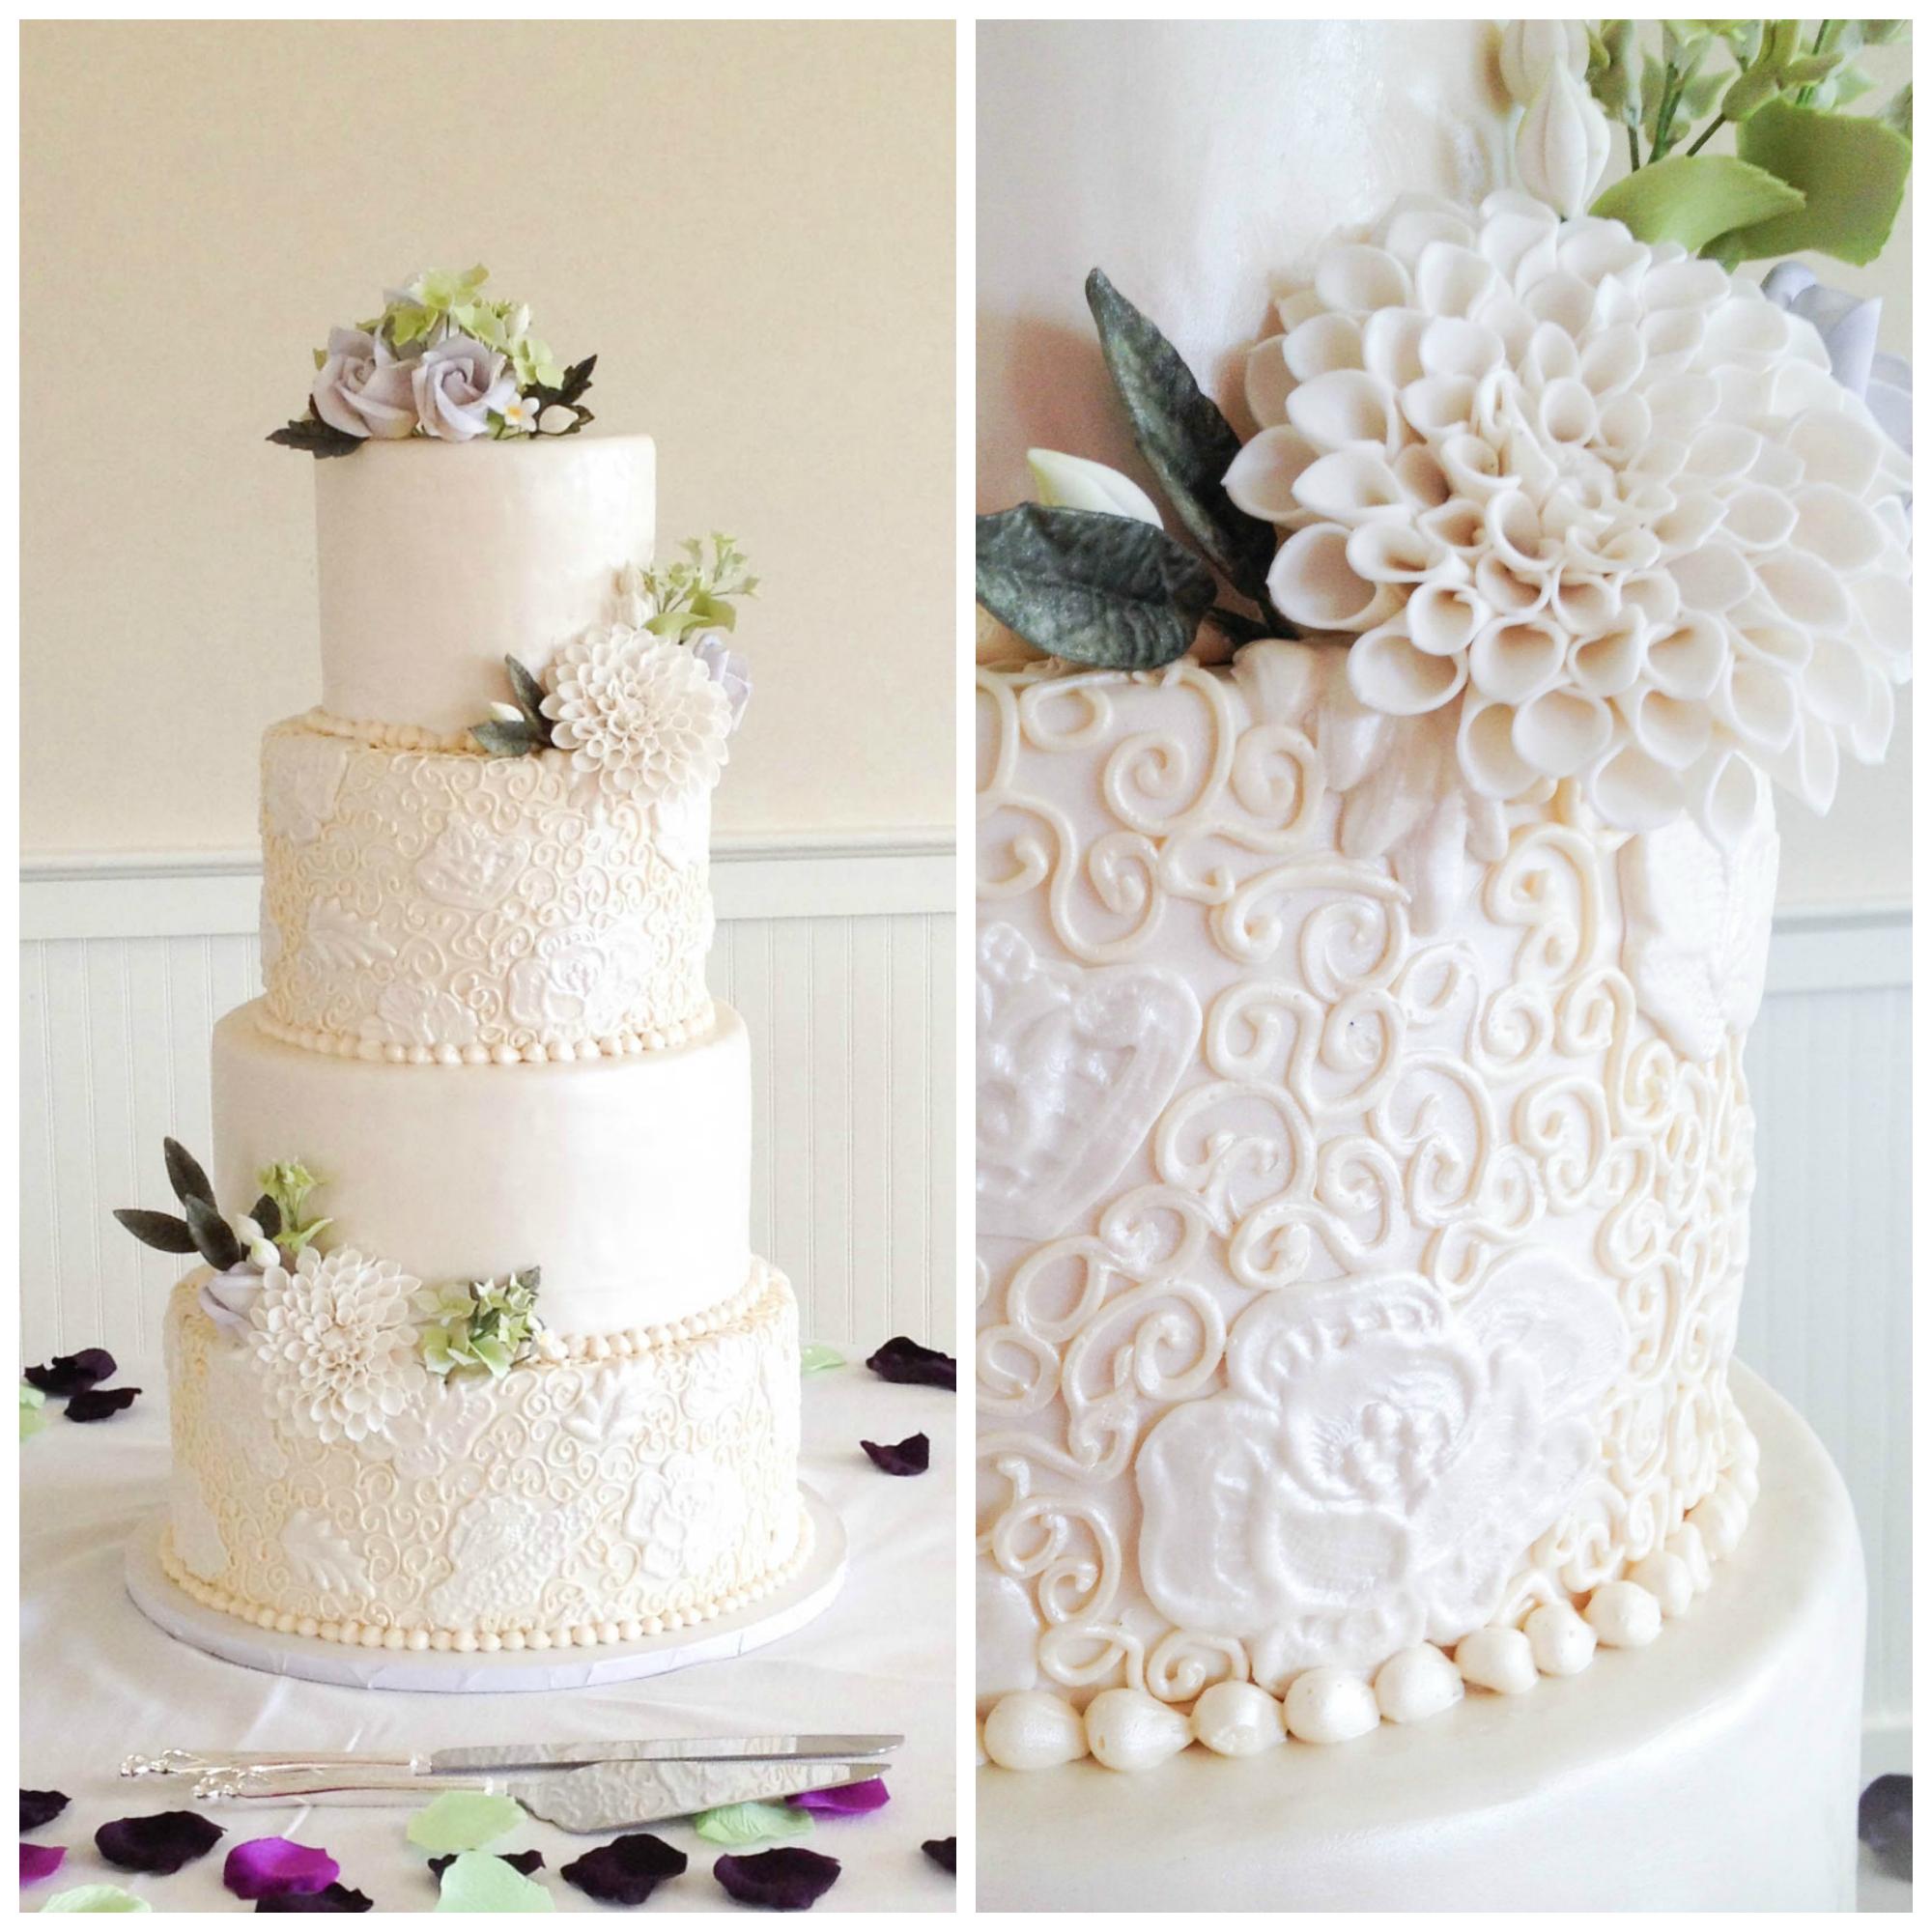 Piped Scroll Wedding Cake | Erin Gardner